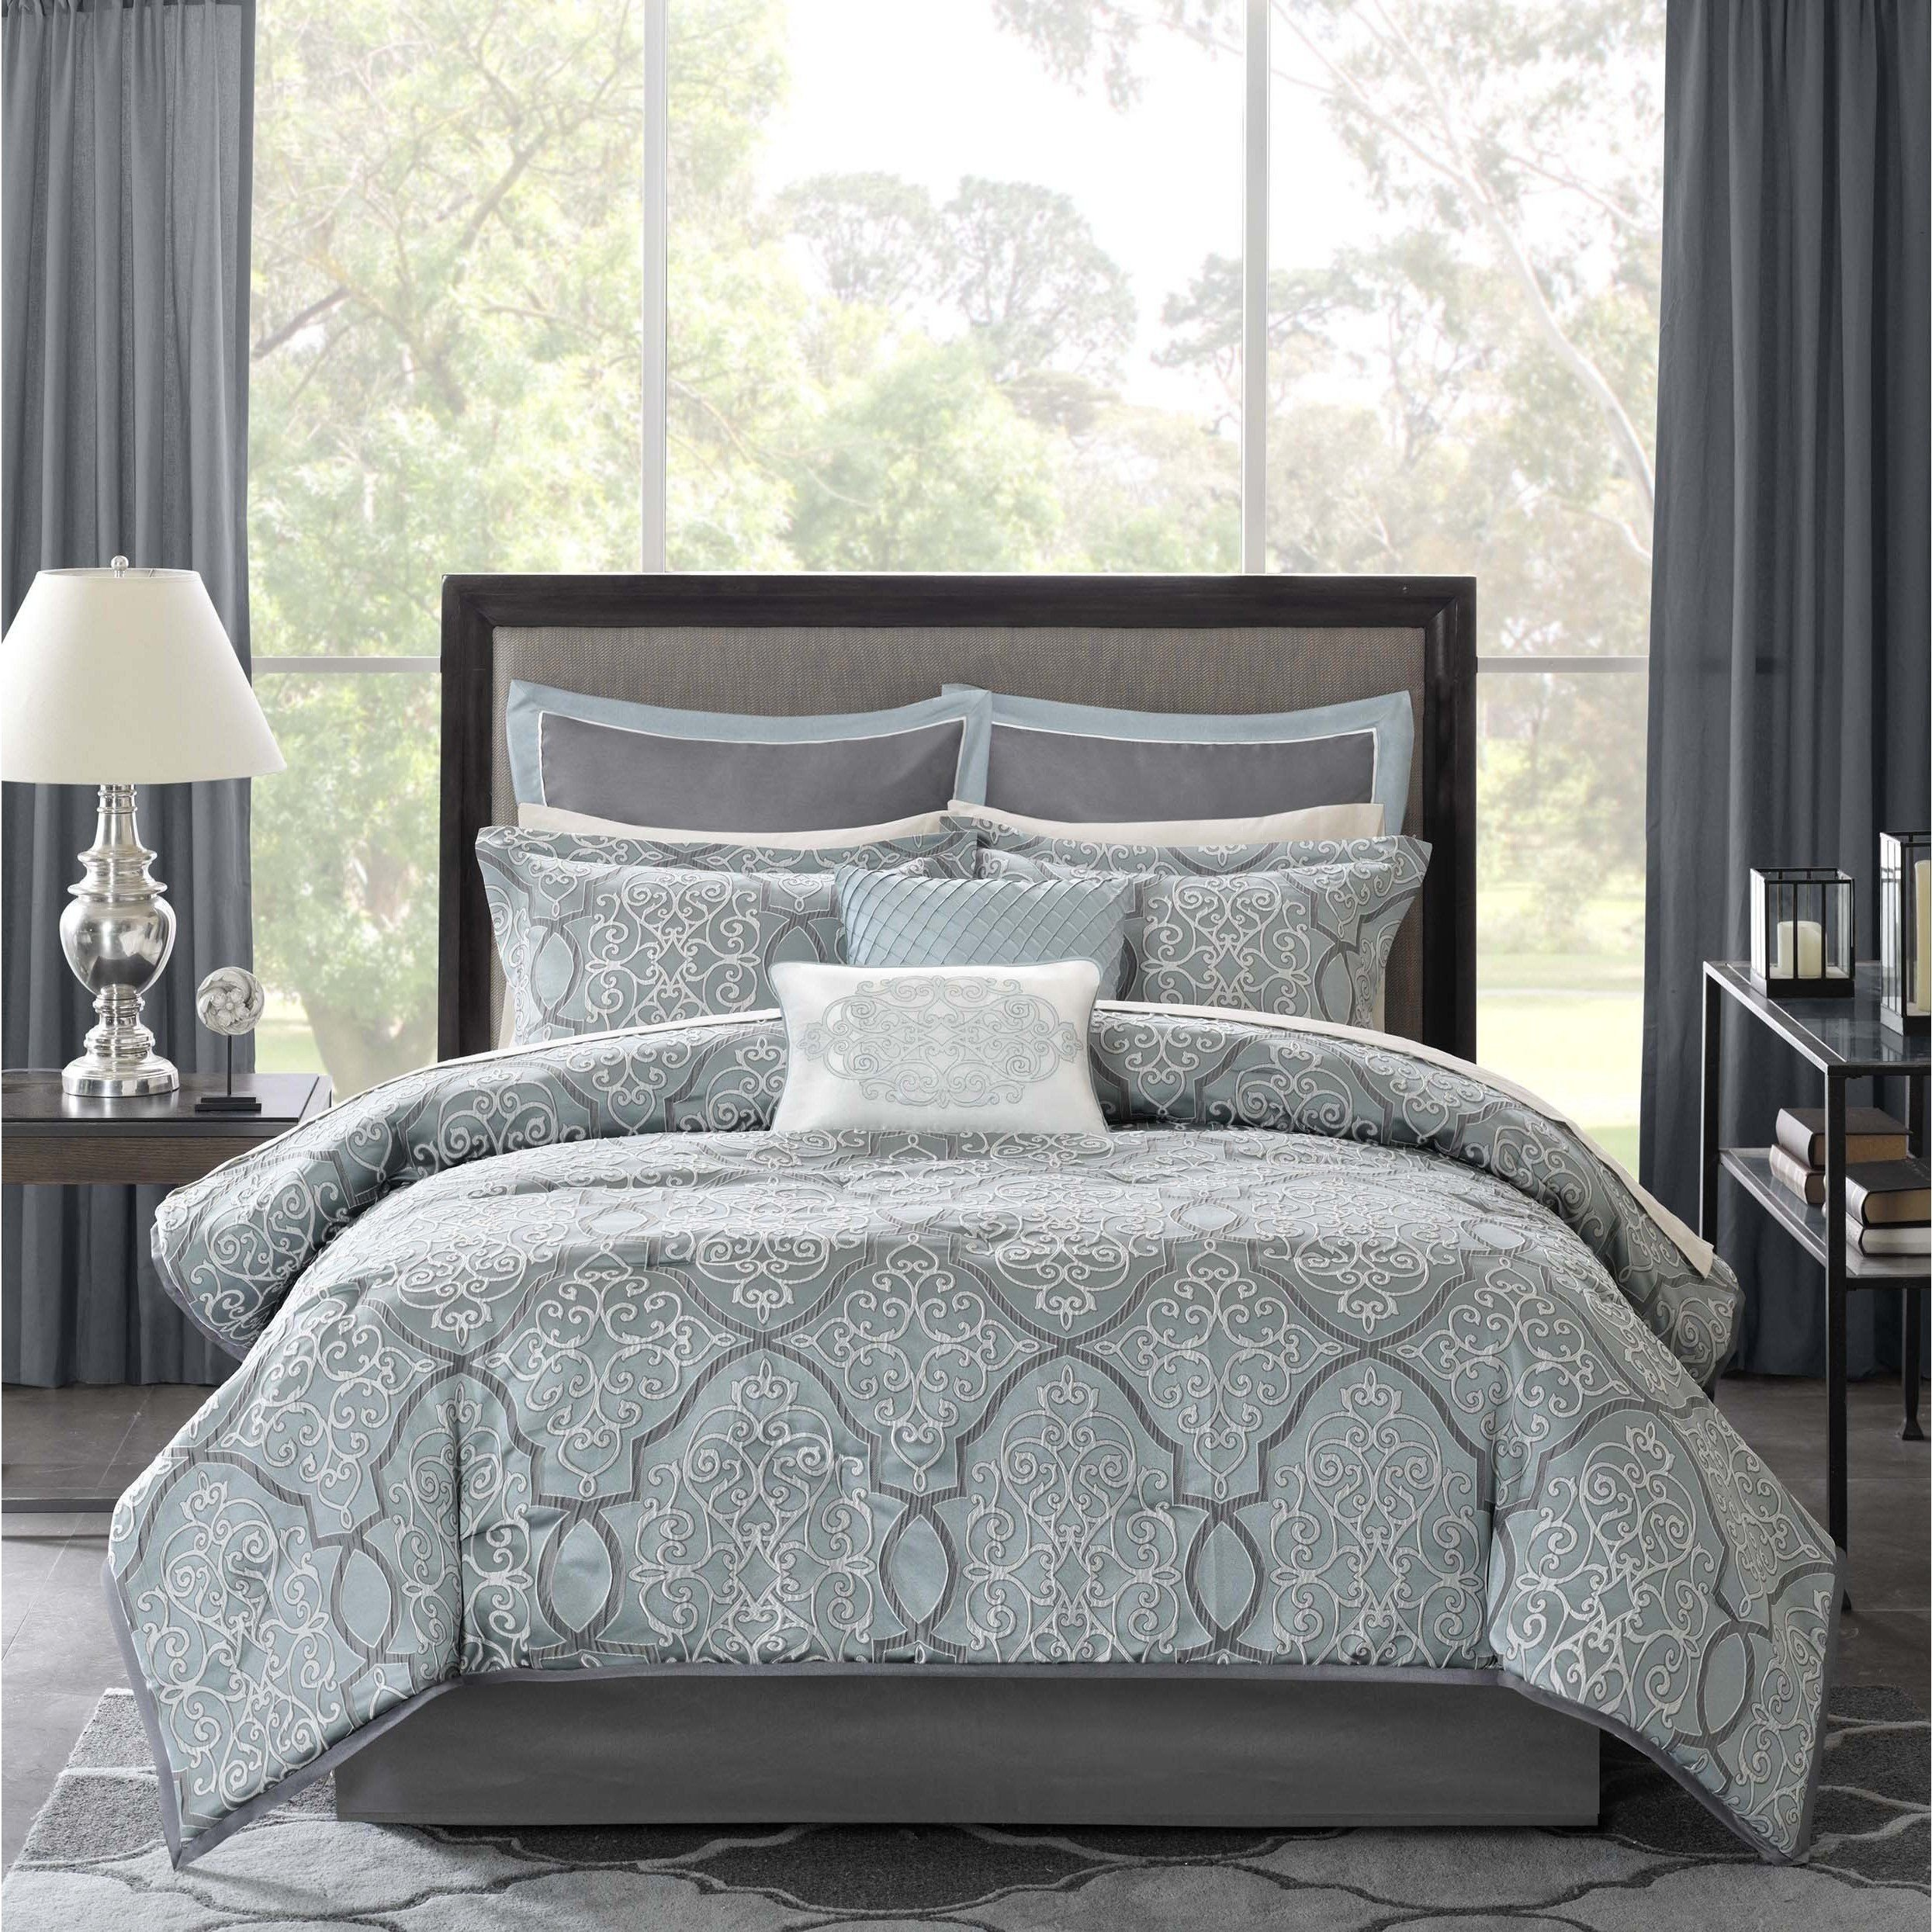 Cheap Bedroom Comforter Set Fresh Madison Park Anouk Jacquard 12 Piece Plete Bed Set Queen